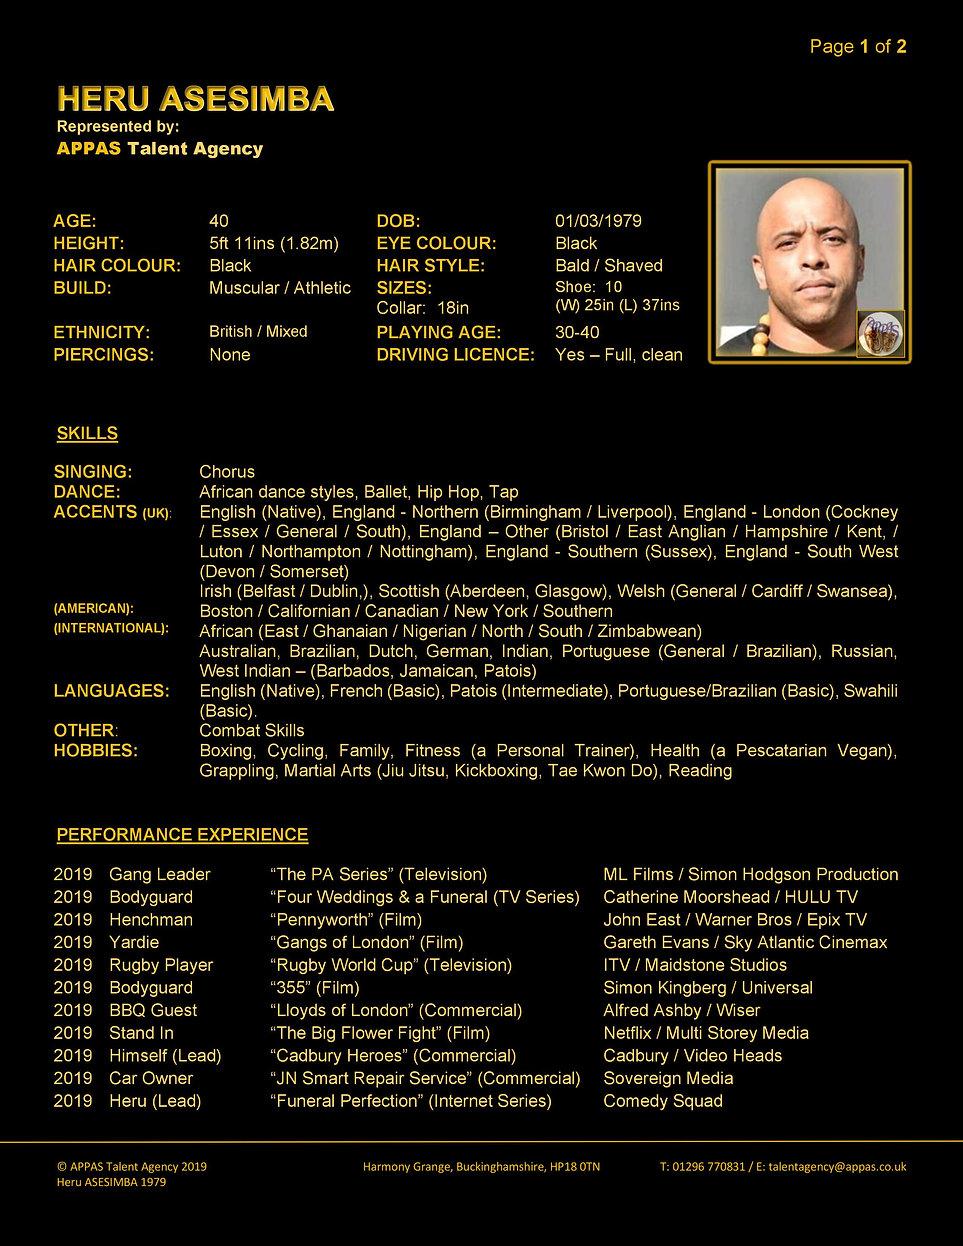 HERU ASESIMBA WEB CV (DEC 2019) 1.jpg